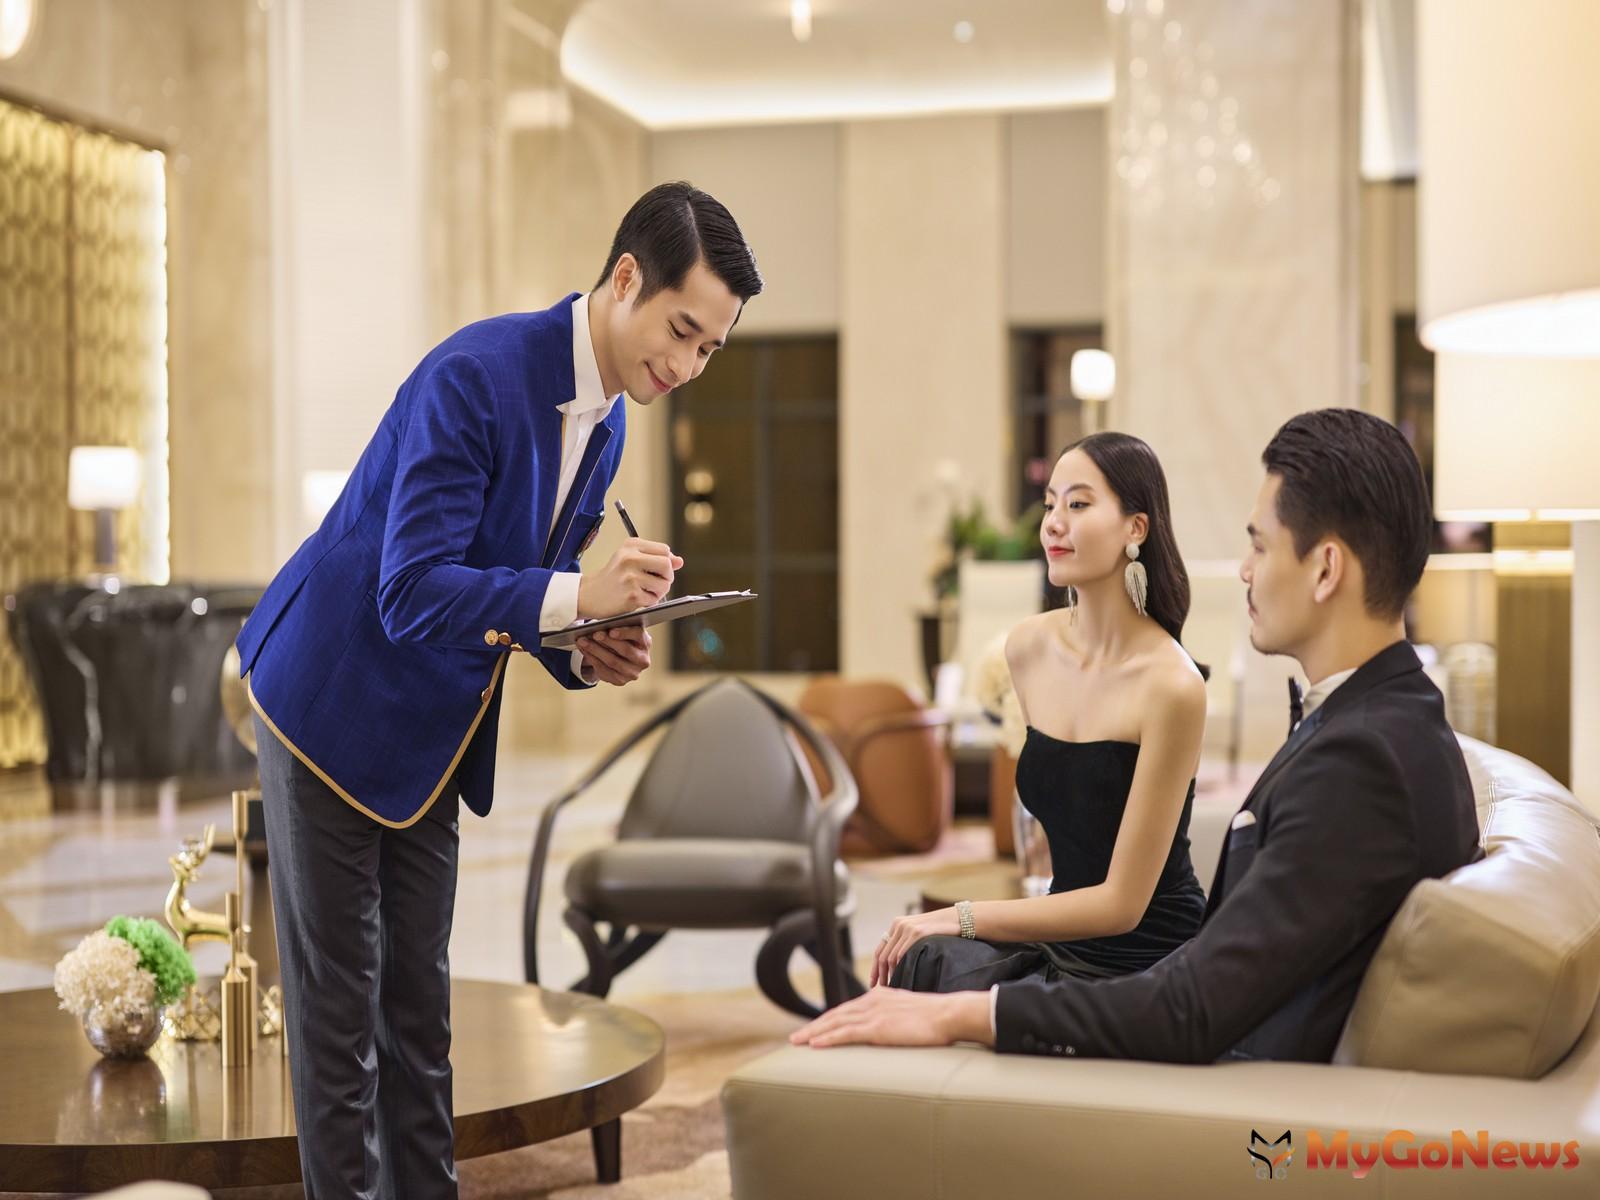 「遠雄THE ONE」引進全台少見的「英式大管家」服務,搭配「頂級豪宅物業管理」。(圖/業者提供) MyGoNews房地產新聞 熱銷推案